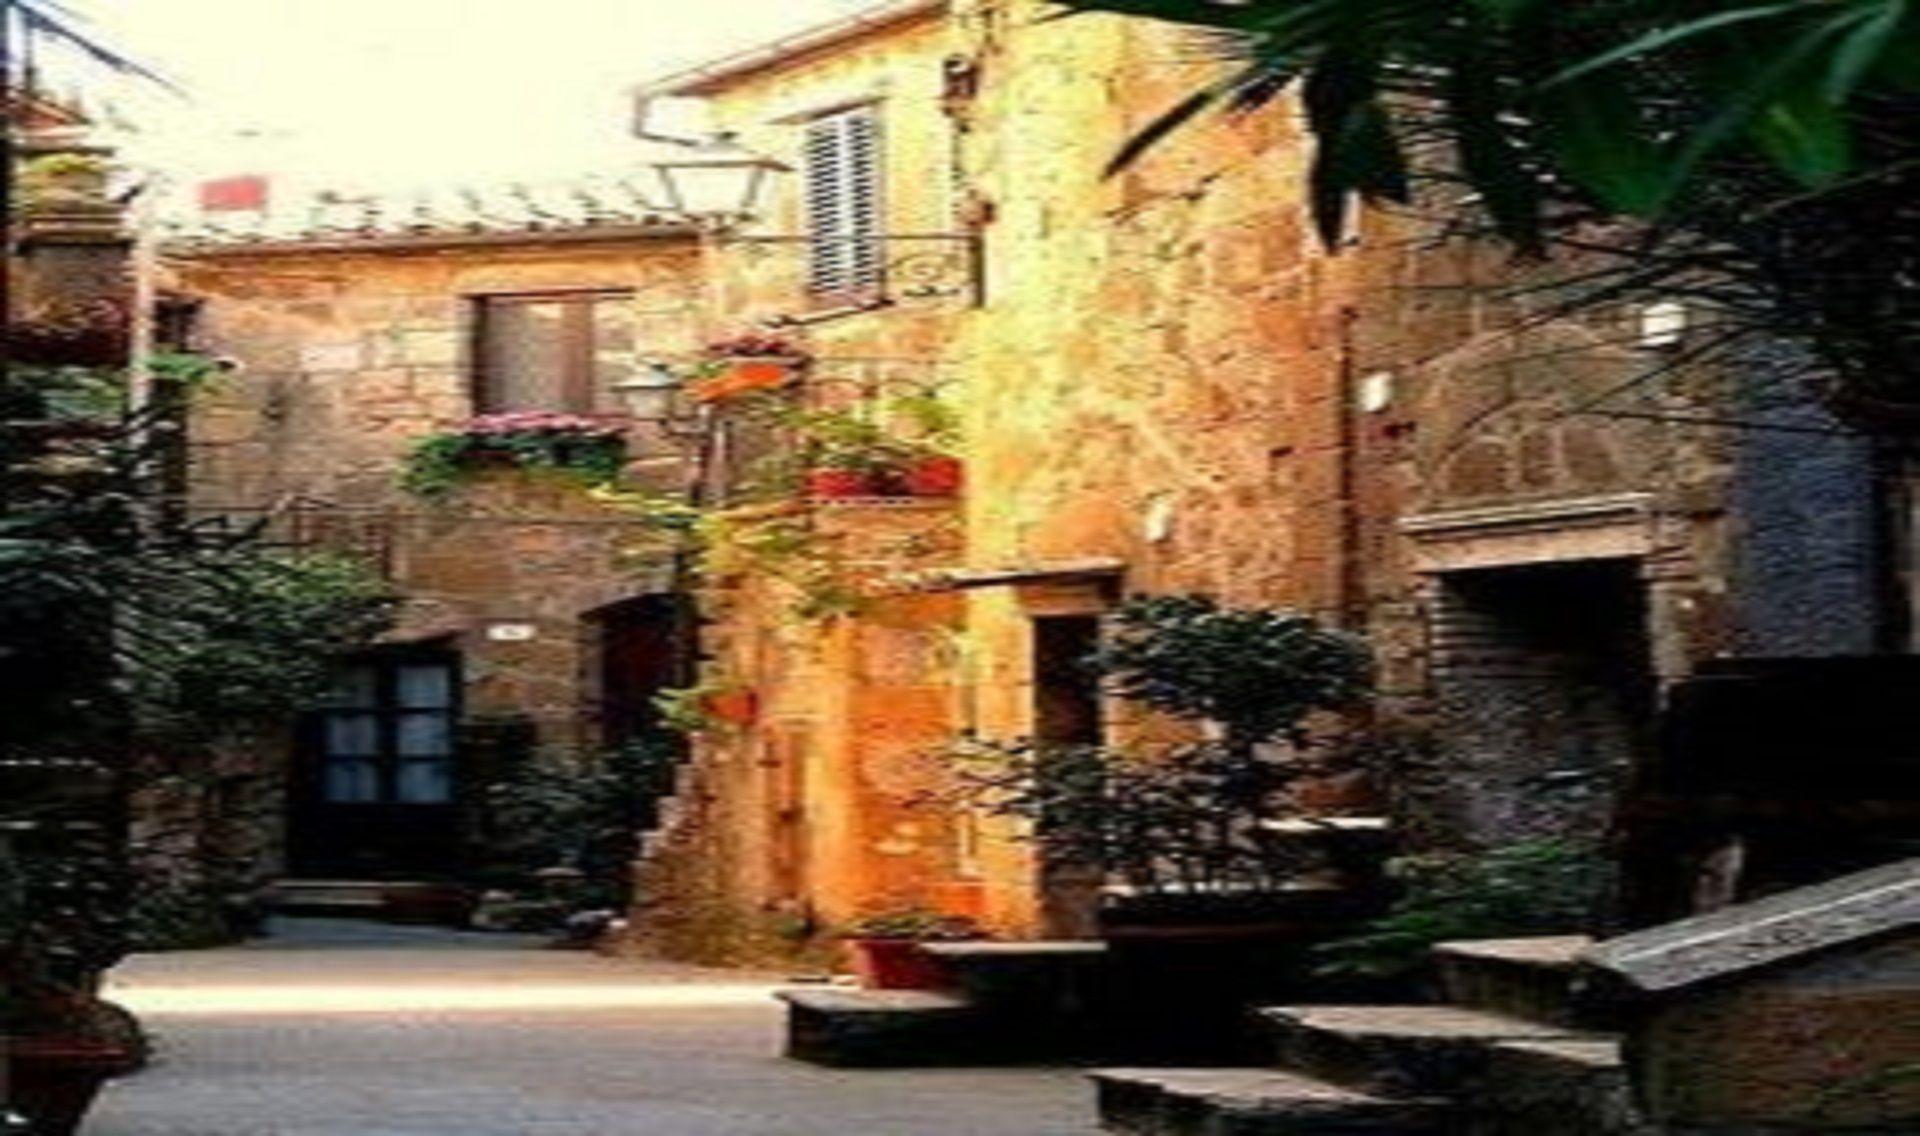 Tuscany Italy 1 Large #Episodeinteractive #Episode Size 1920 X 1136